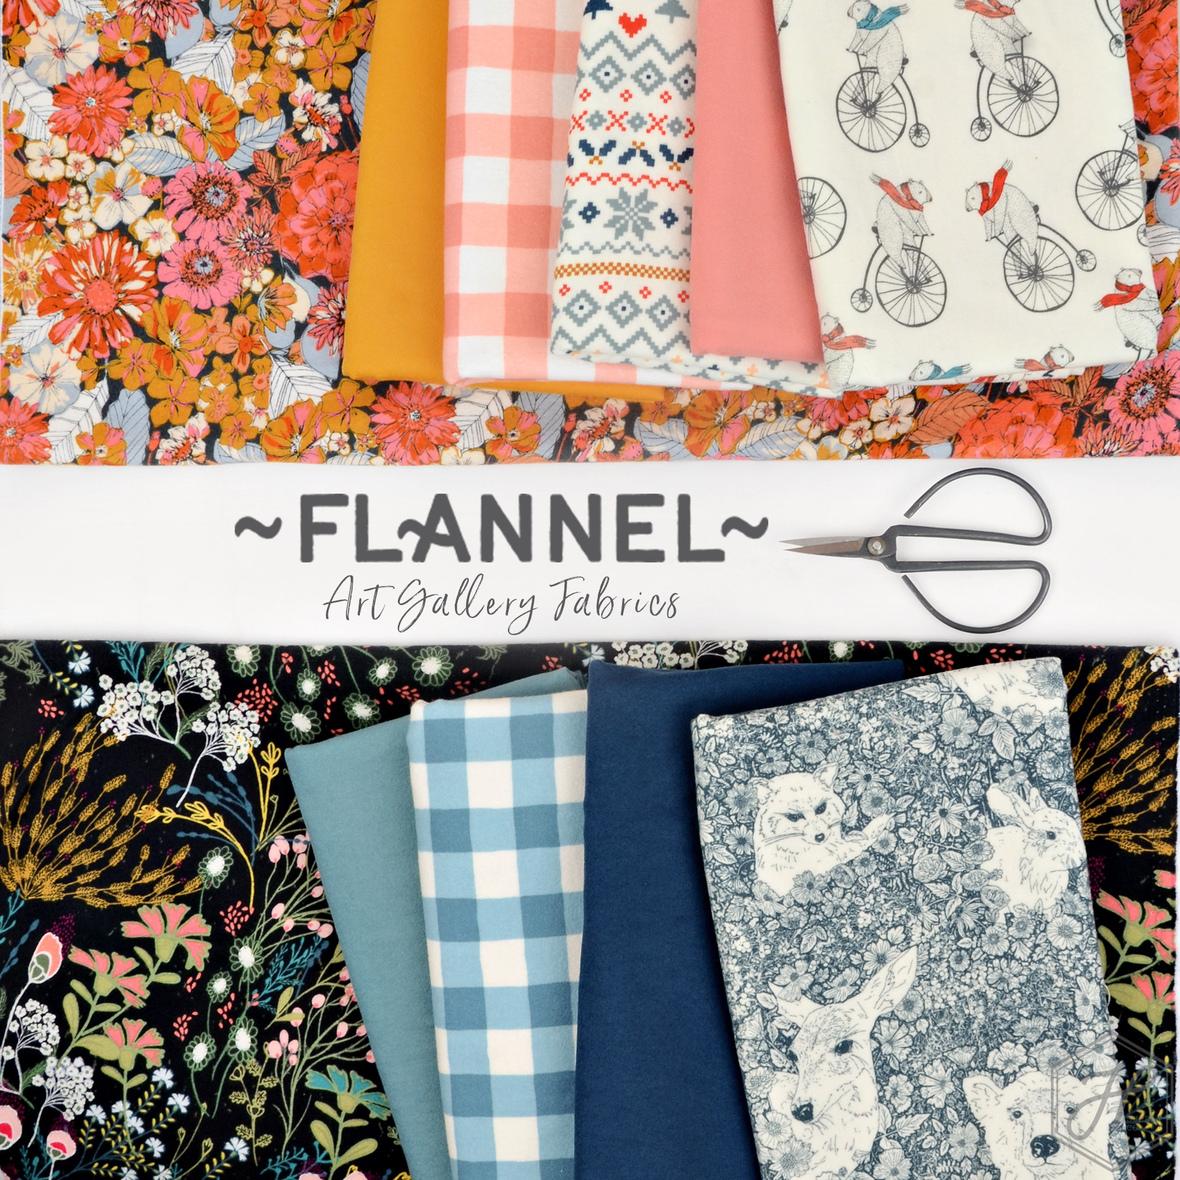 Art Gallery Flannel